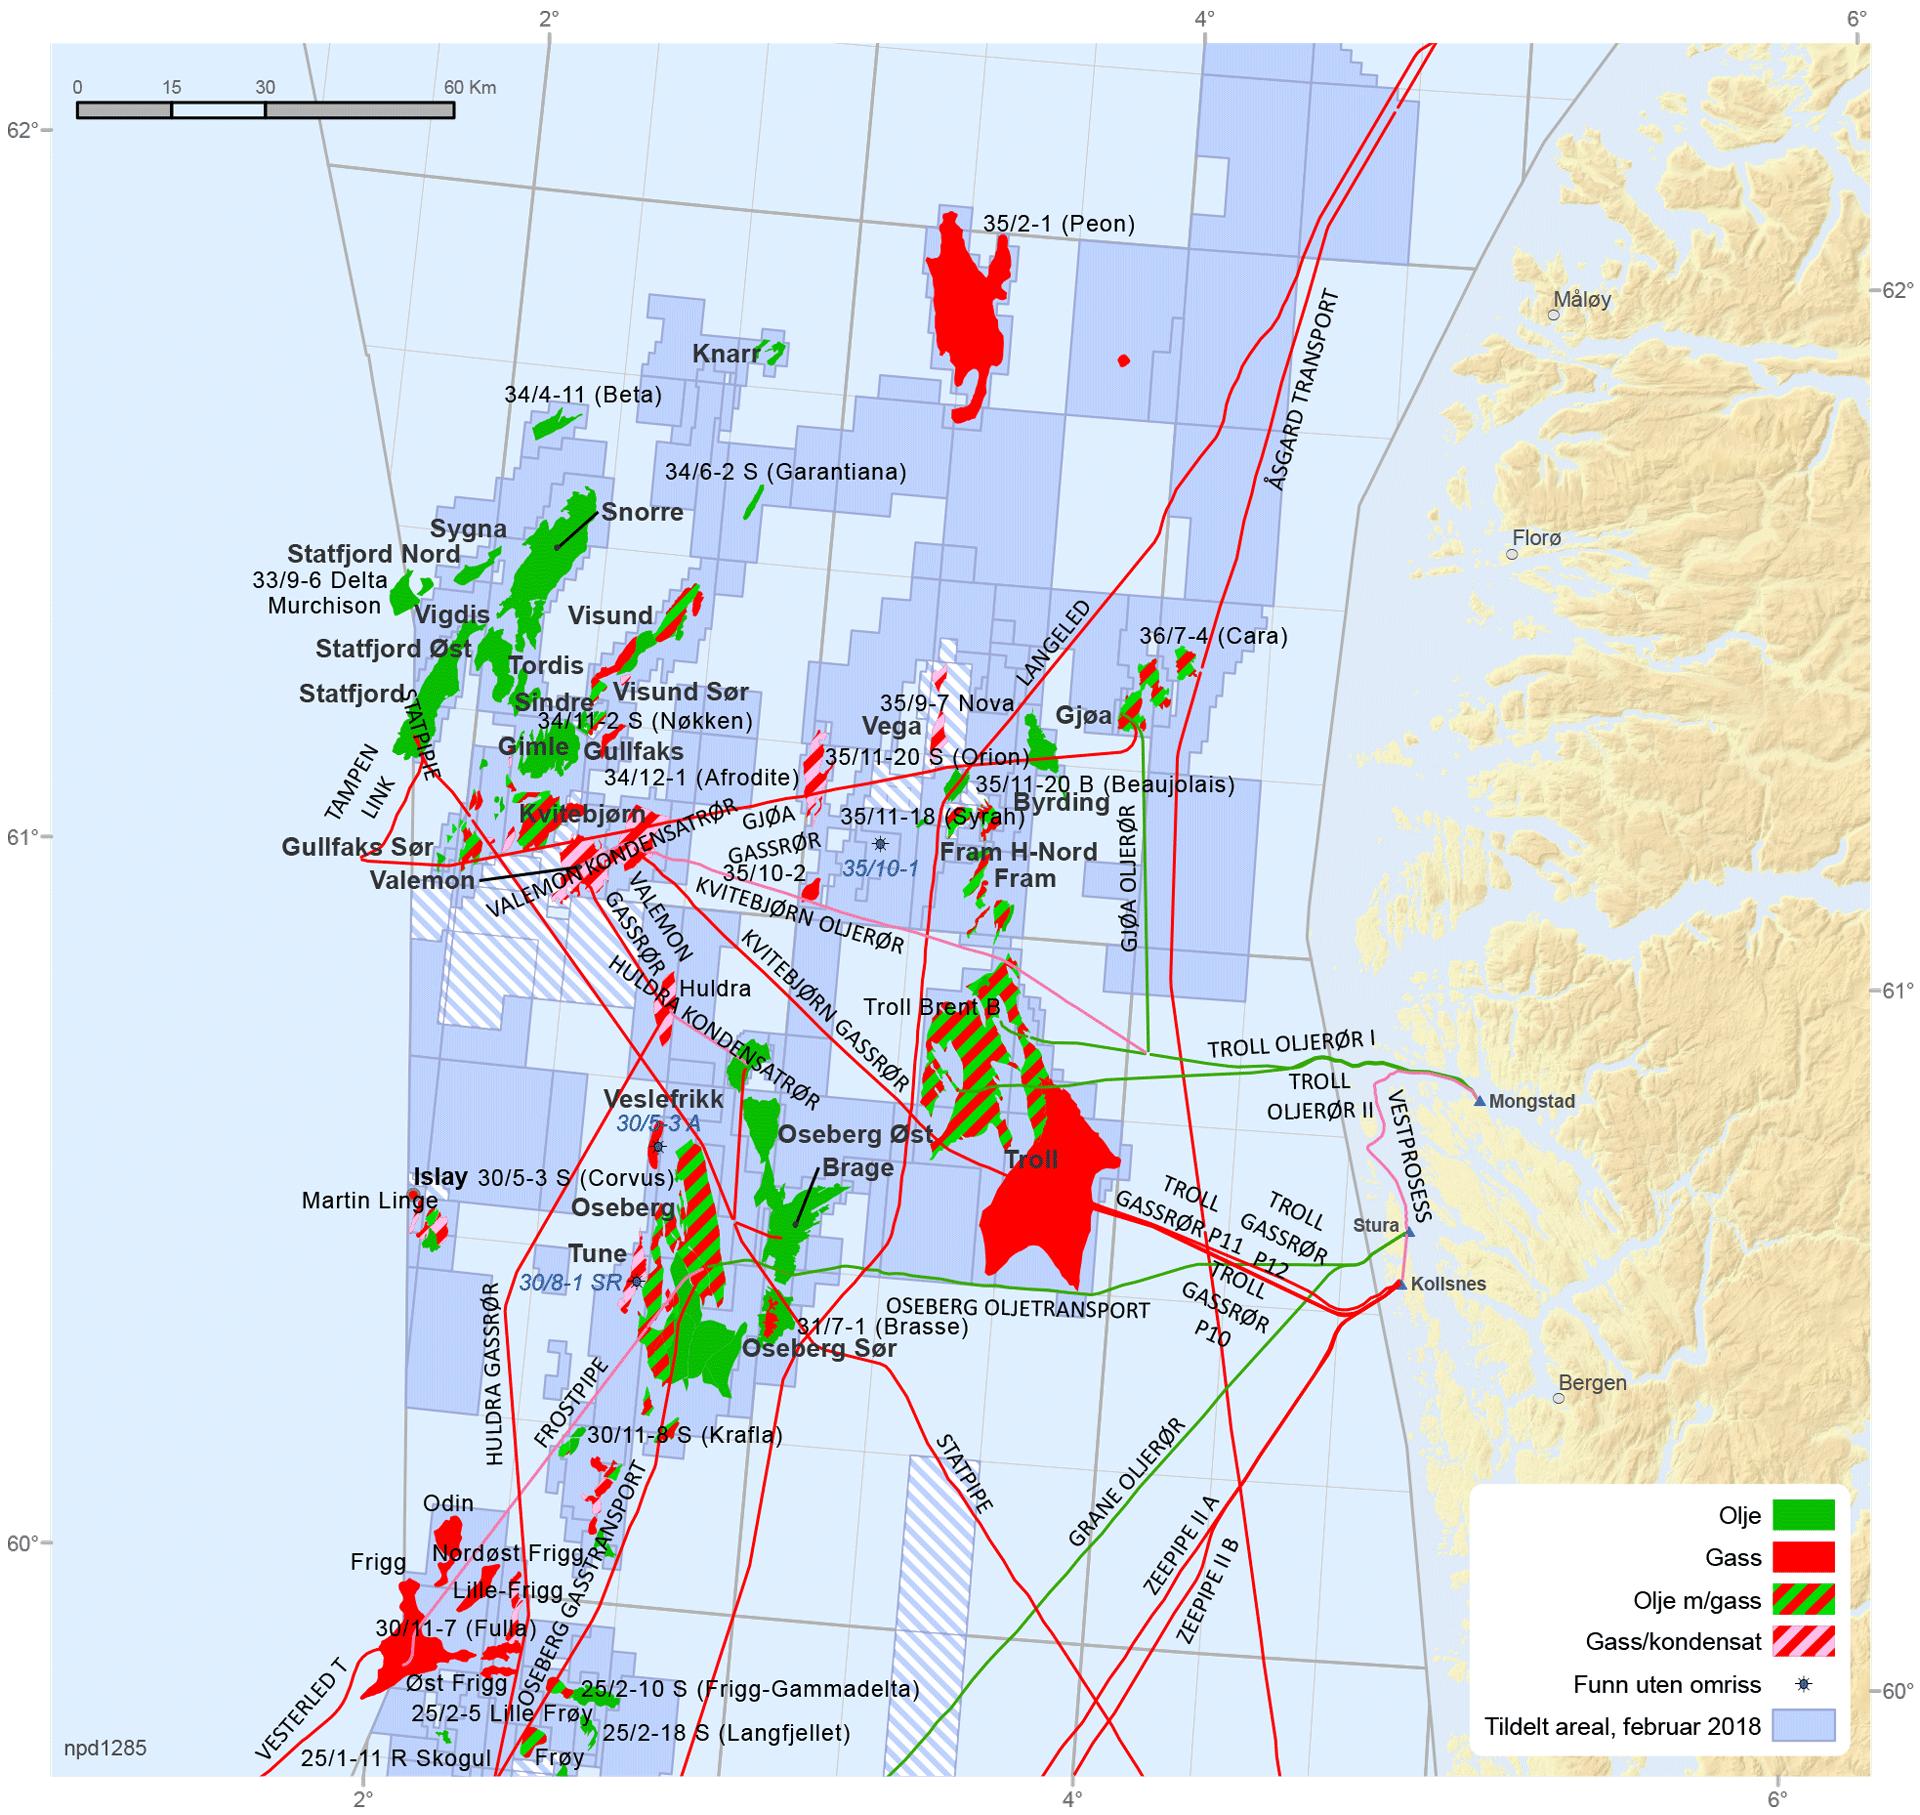 Felt og funn i den nordlige delen av Nordsjøen